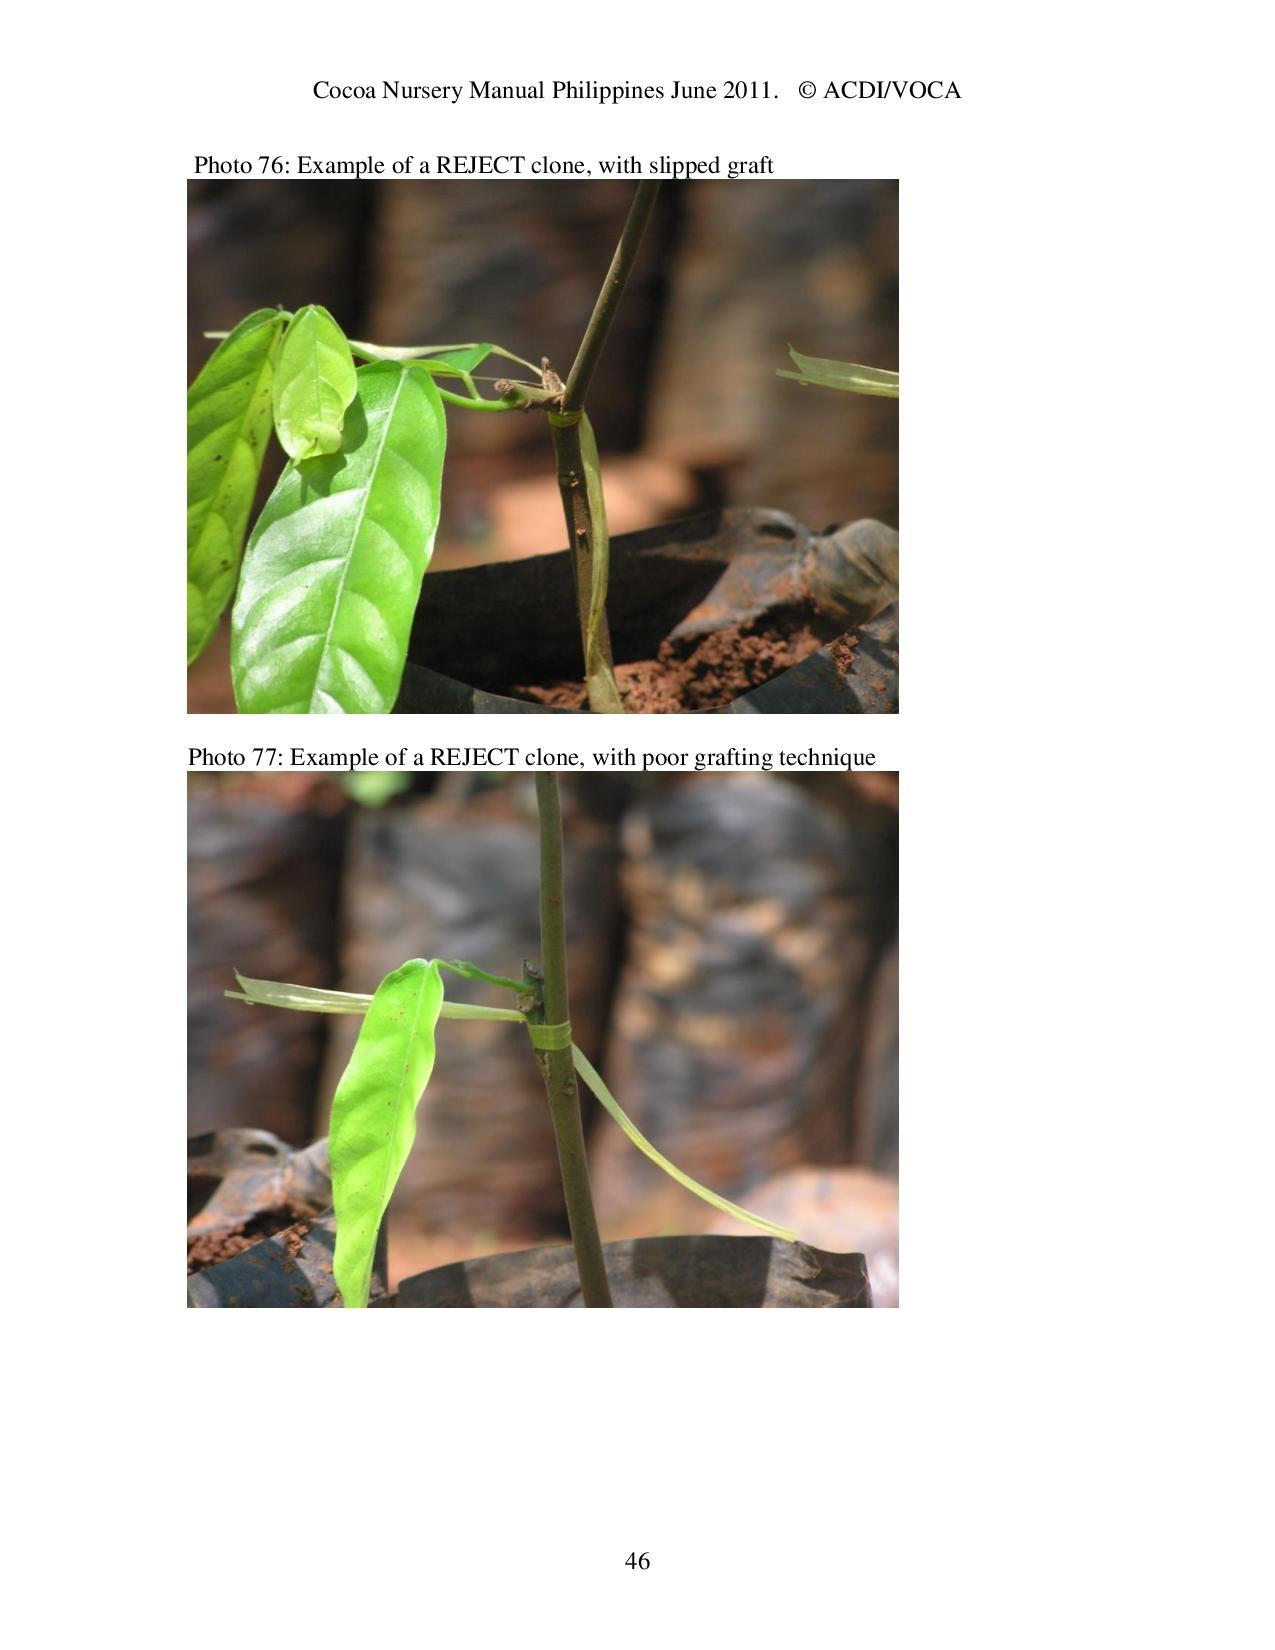 Cocoa-Nursery-Manual-2011_acdi-voca-page-046